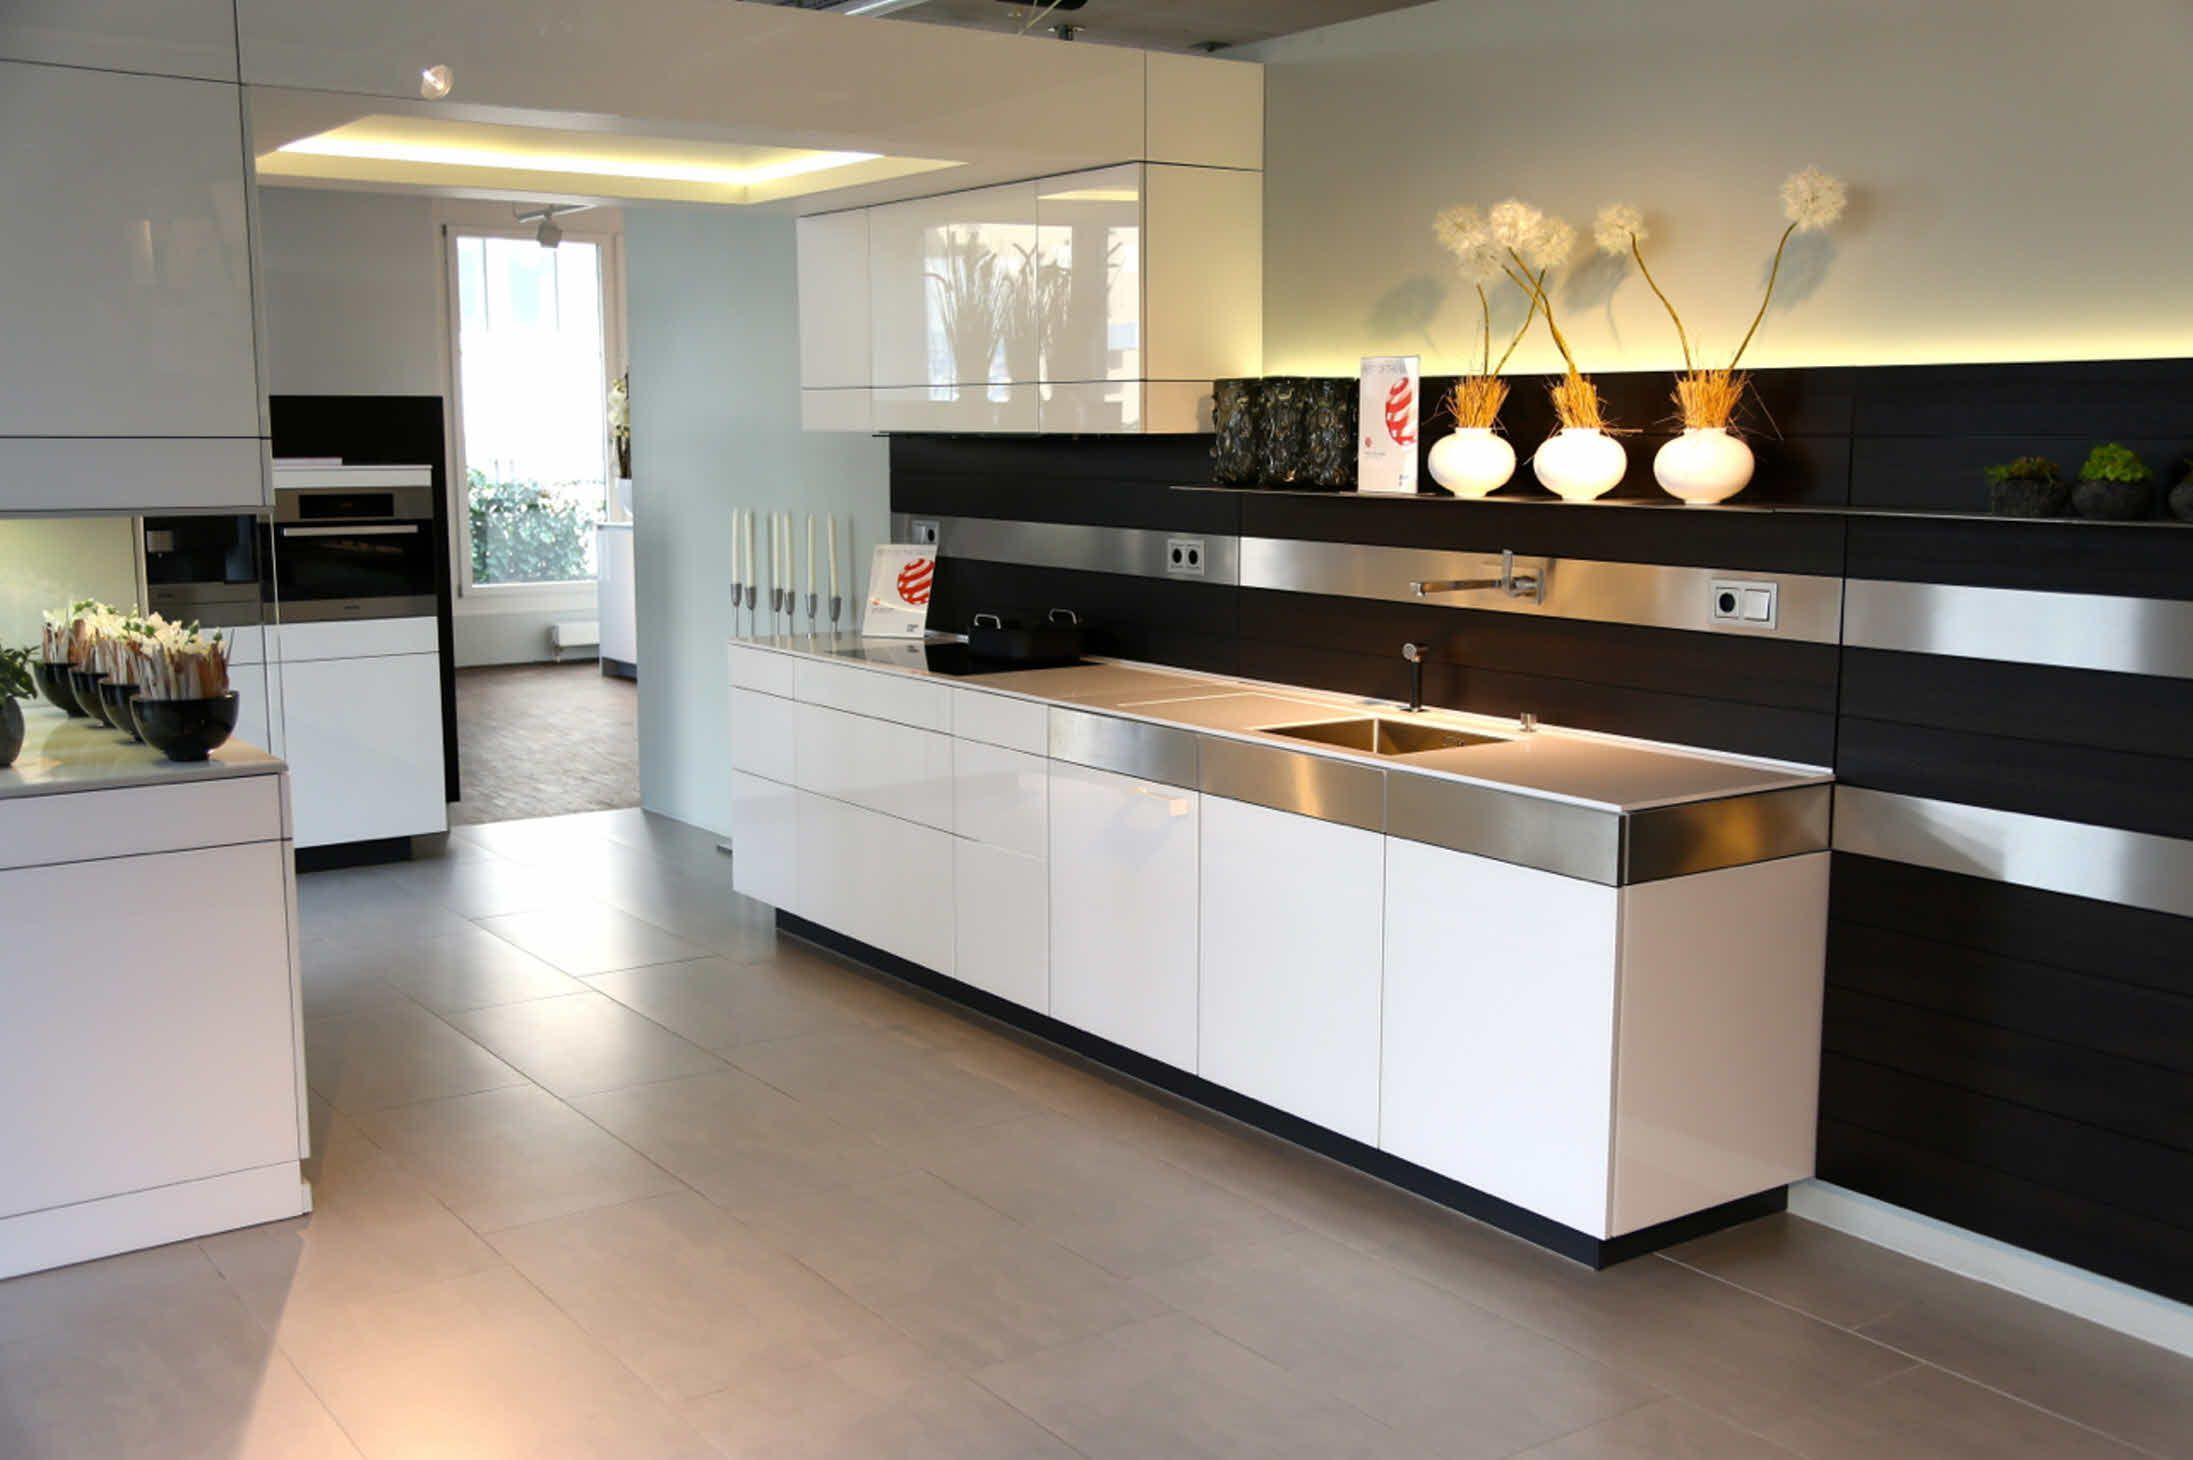 Poggenpohl Kuchenstudio Zurich Artesio Polarweiss Pinie Terra Kitchen Cabinet Inspiration Kitchen Kitchen Decor